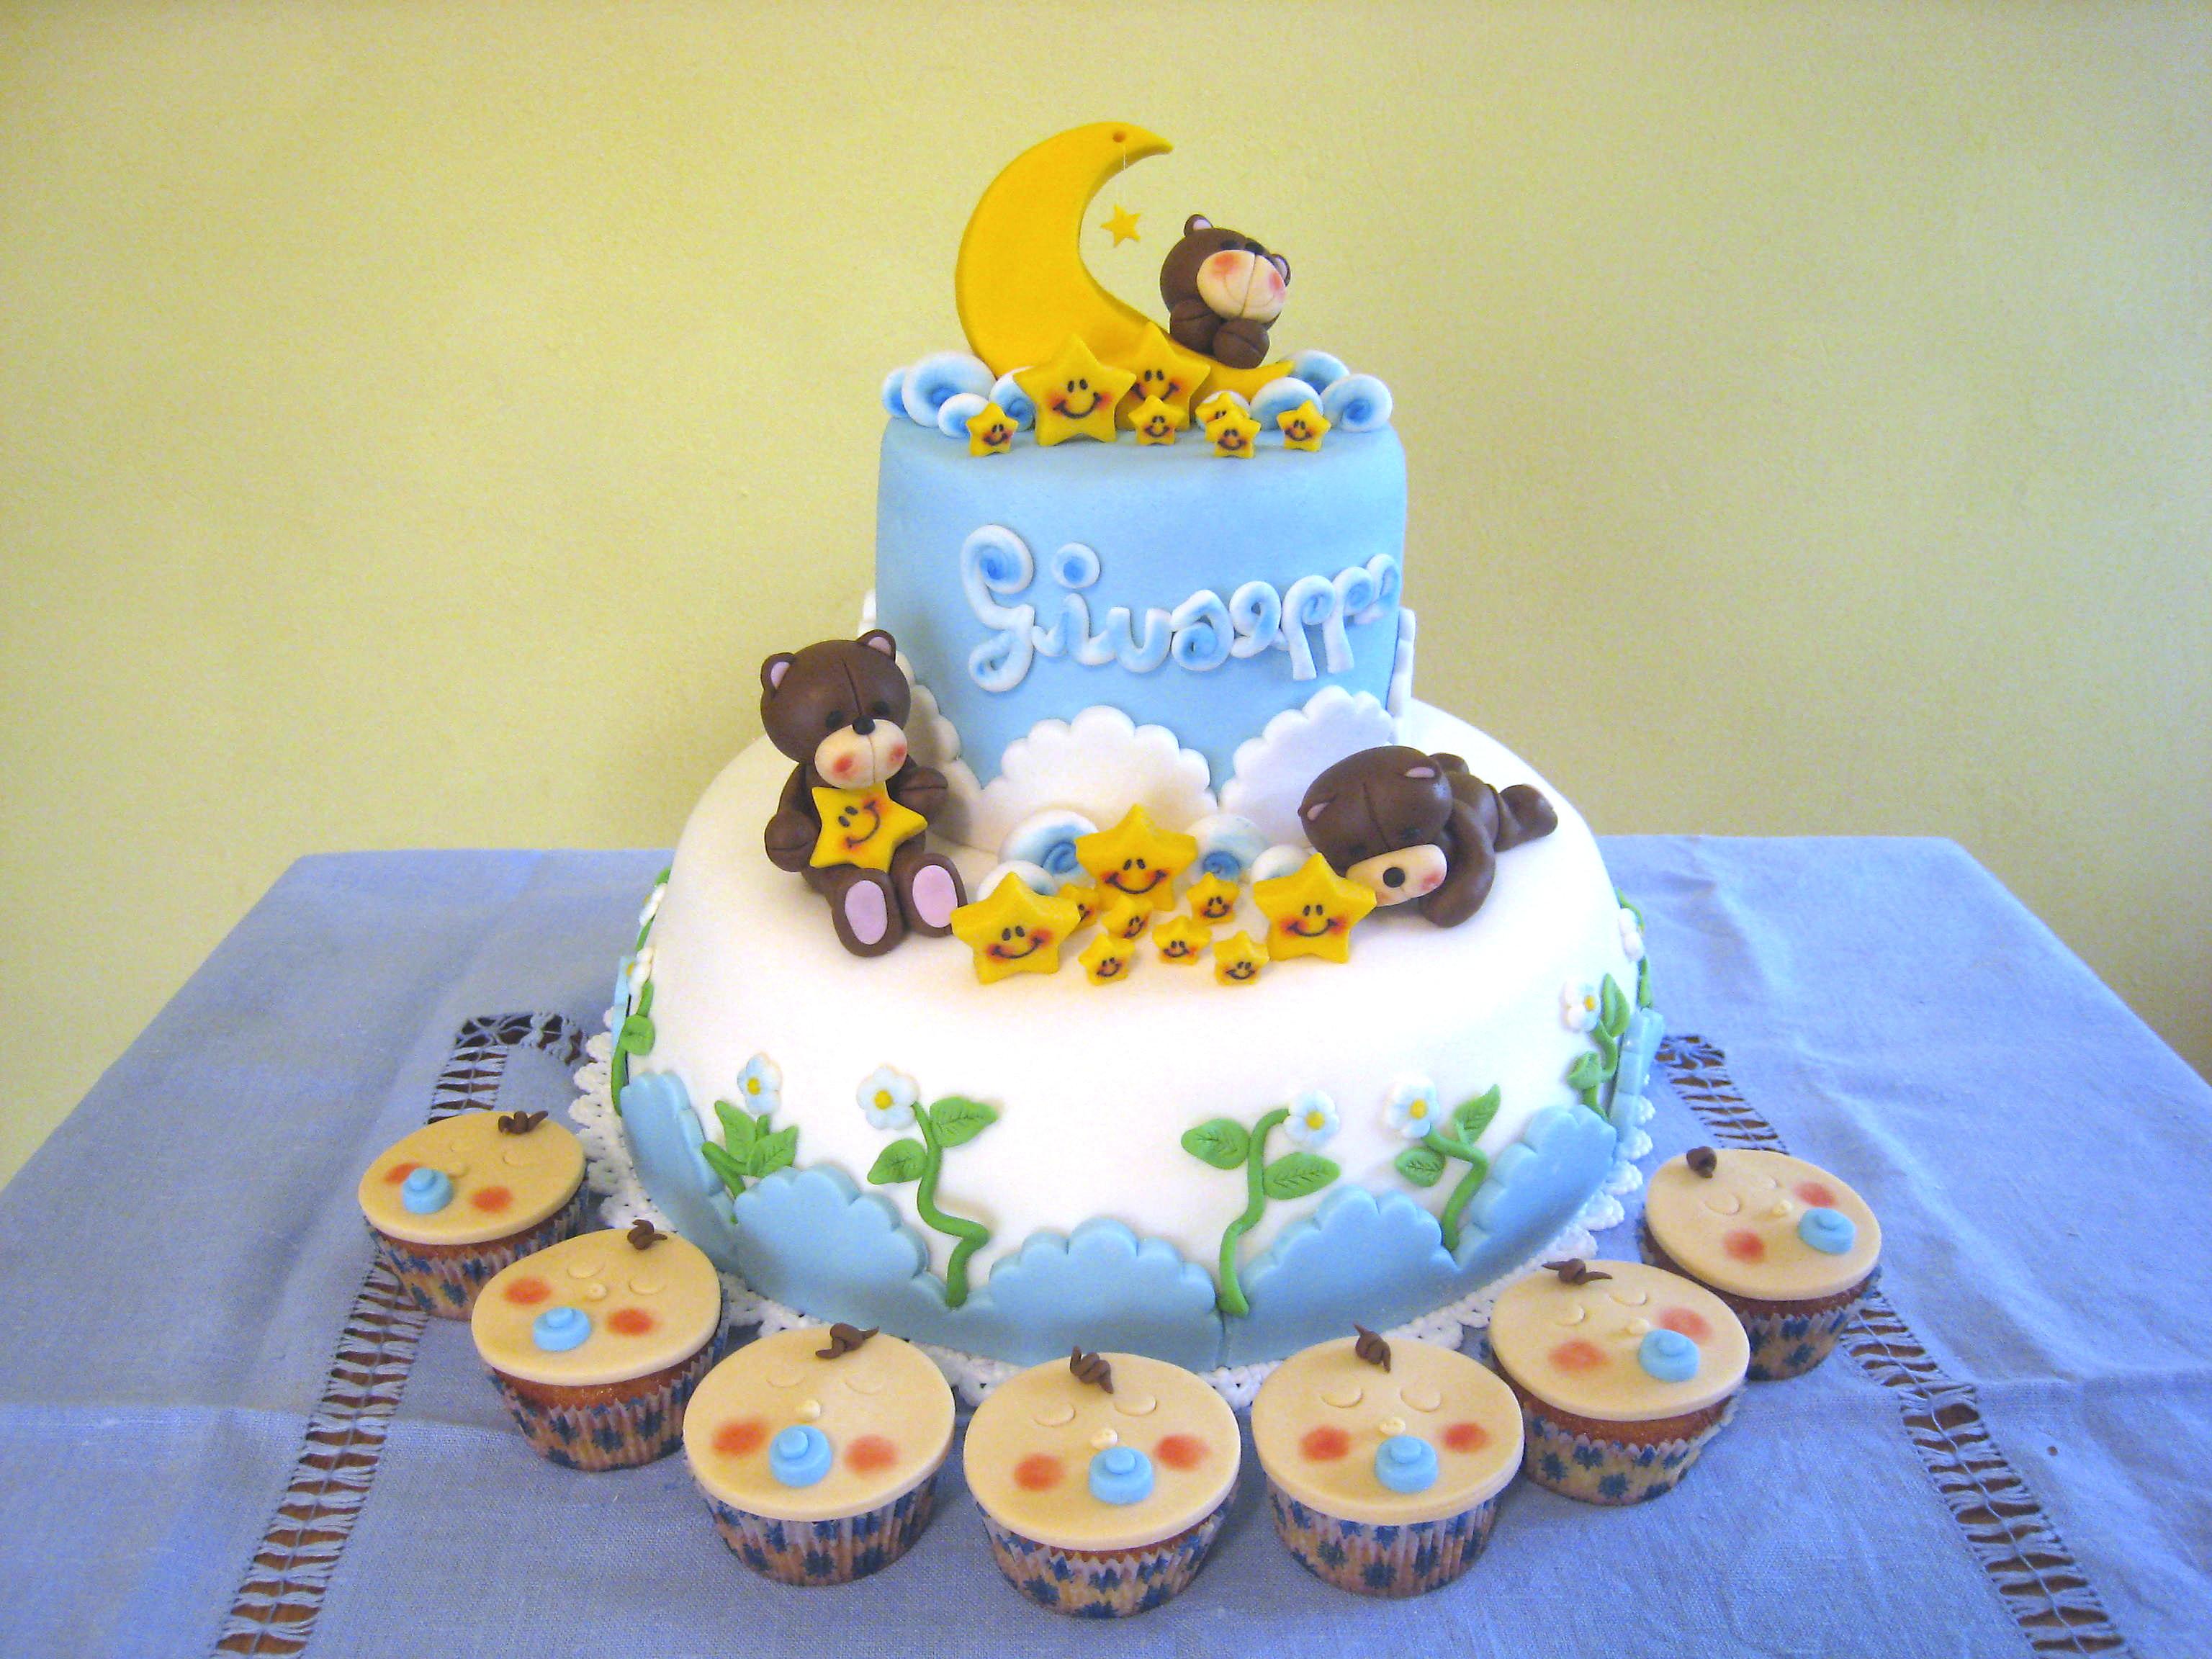 Torta Cake Design Torino : Cake design, aiutiamo una brattiroese a vincere il contest ...